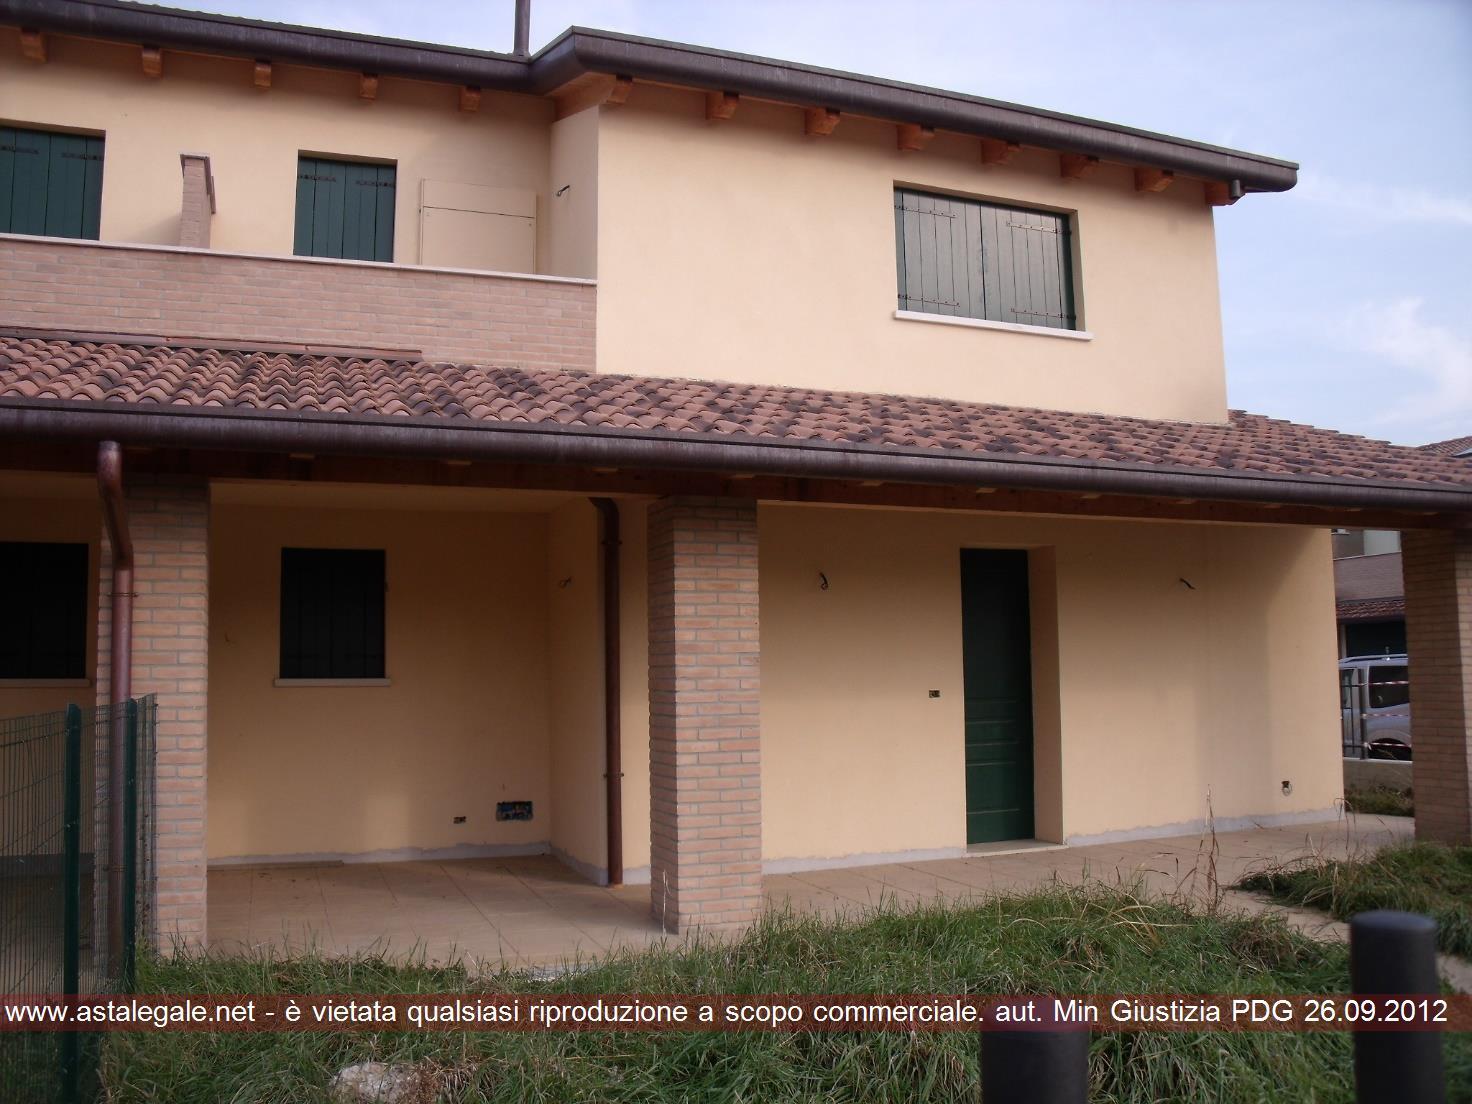 Selvazzano Dentro (PD) Via Euganea 176/E